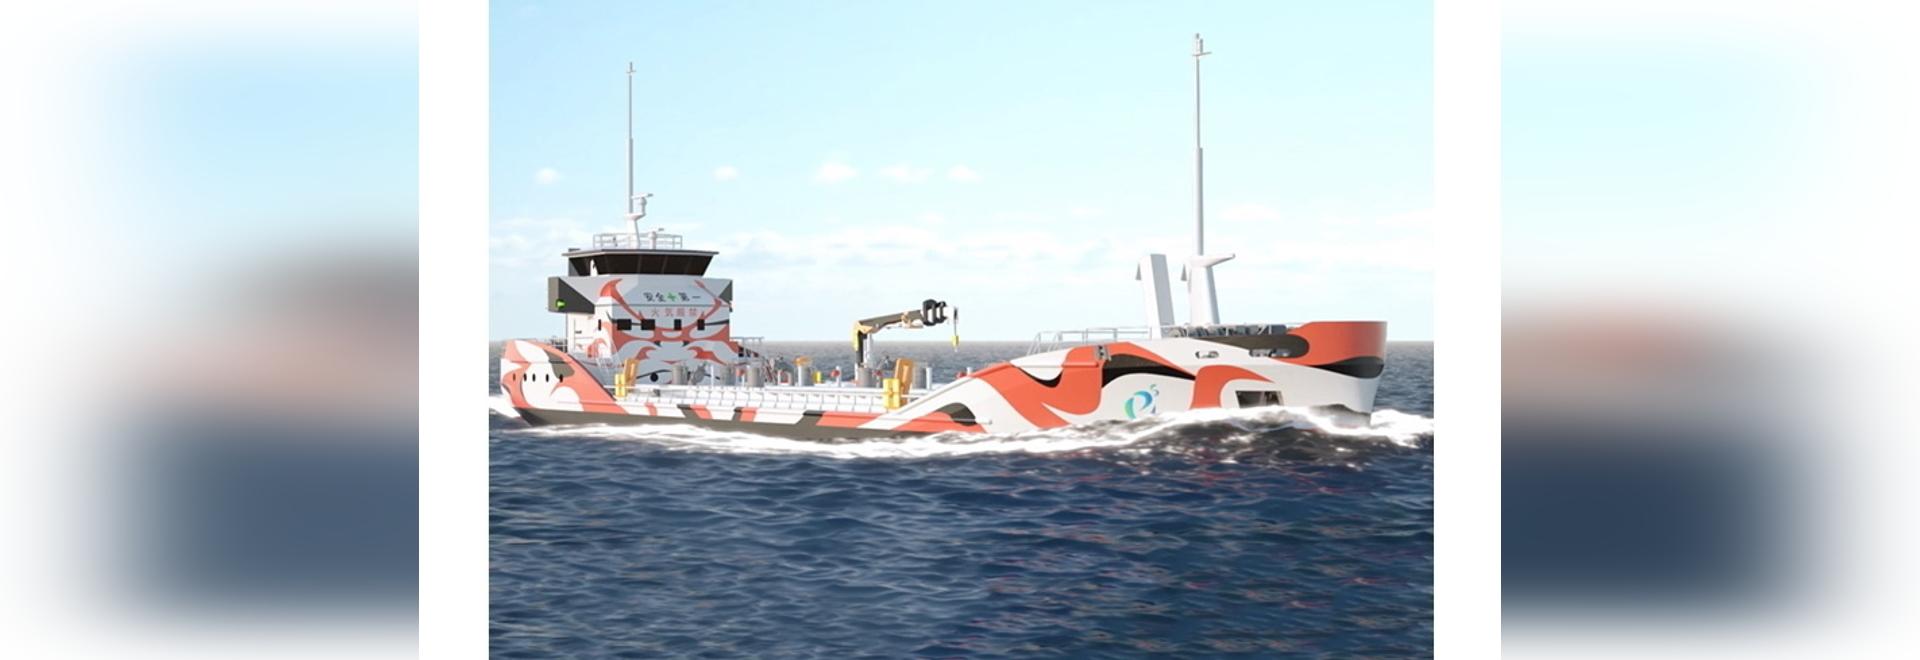 Japans e5-Labor zur Entwicklung von Standardserien elektrischer Schiffe